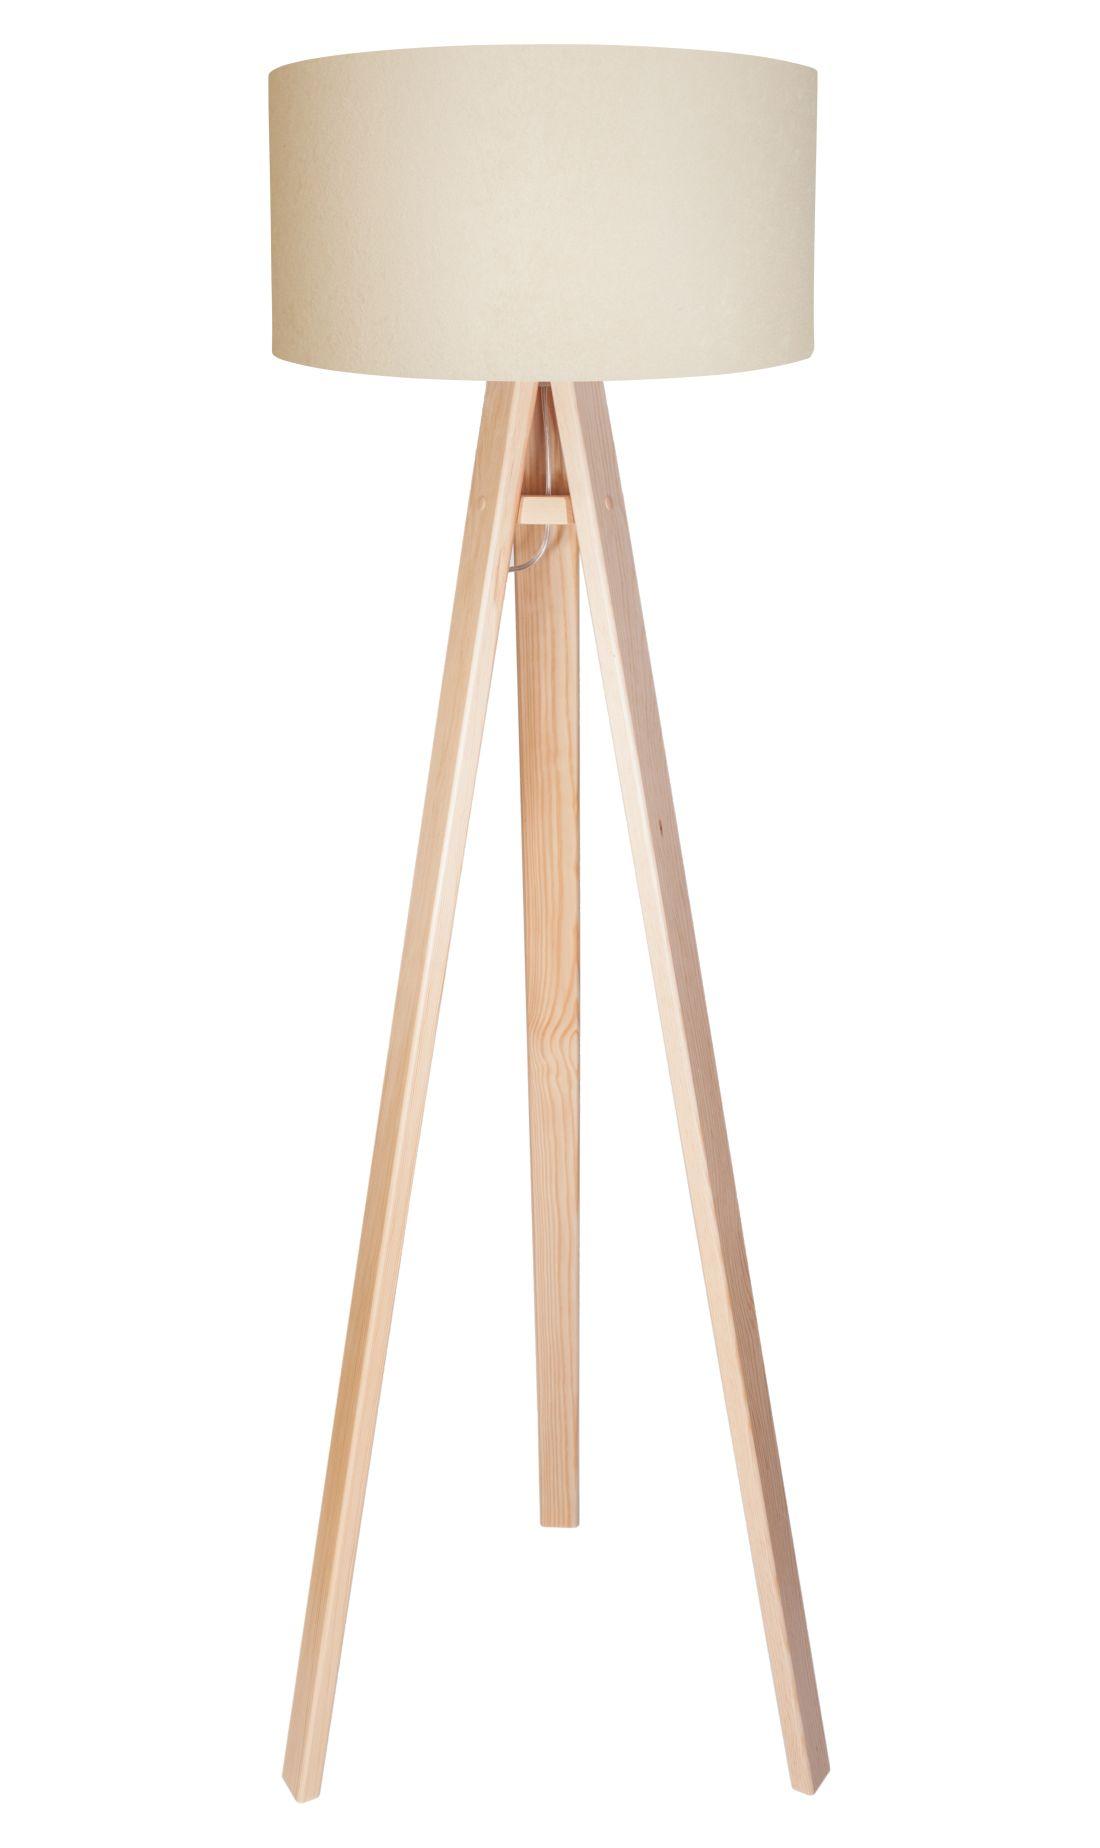 Standlampe Holzleuchte Wohnzimmer Creme Weiß Dreibein